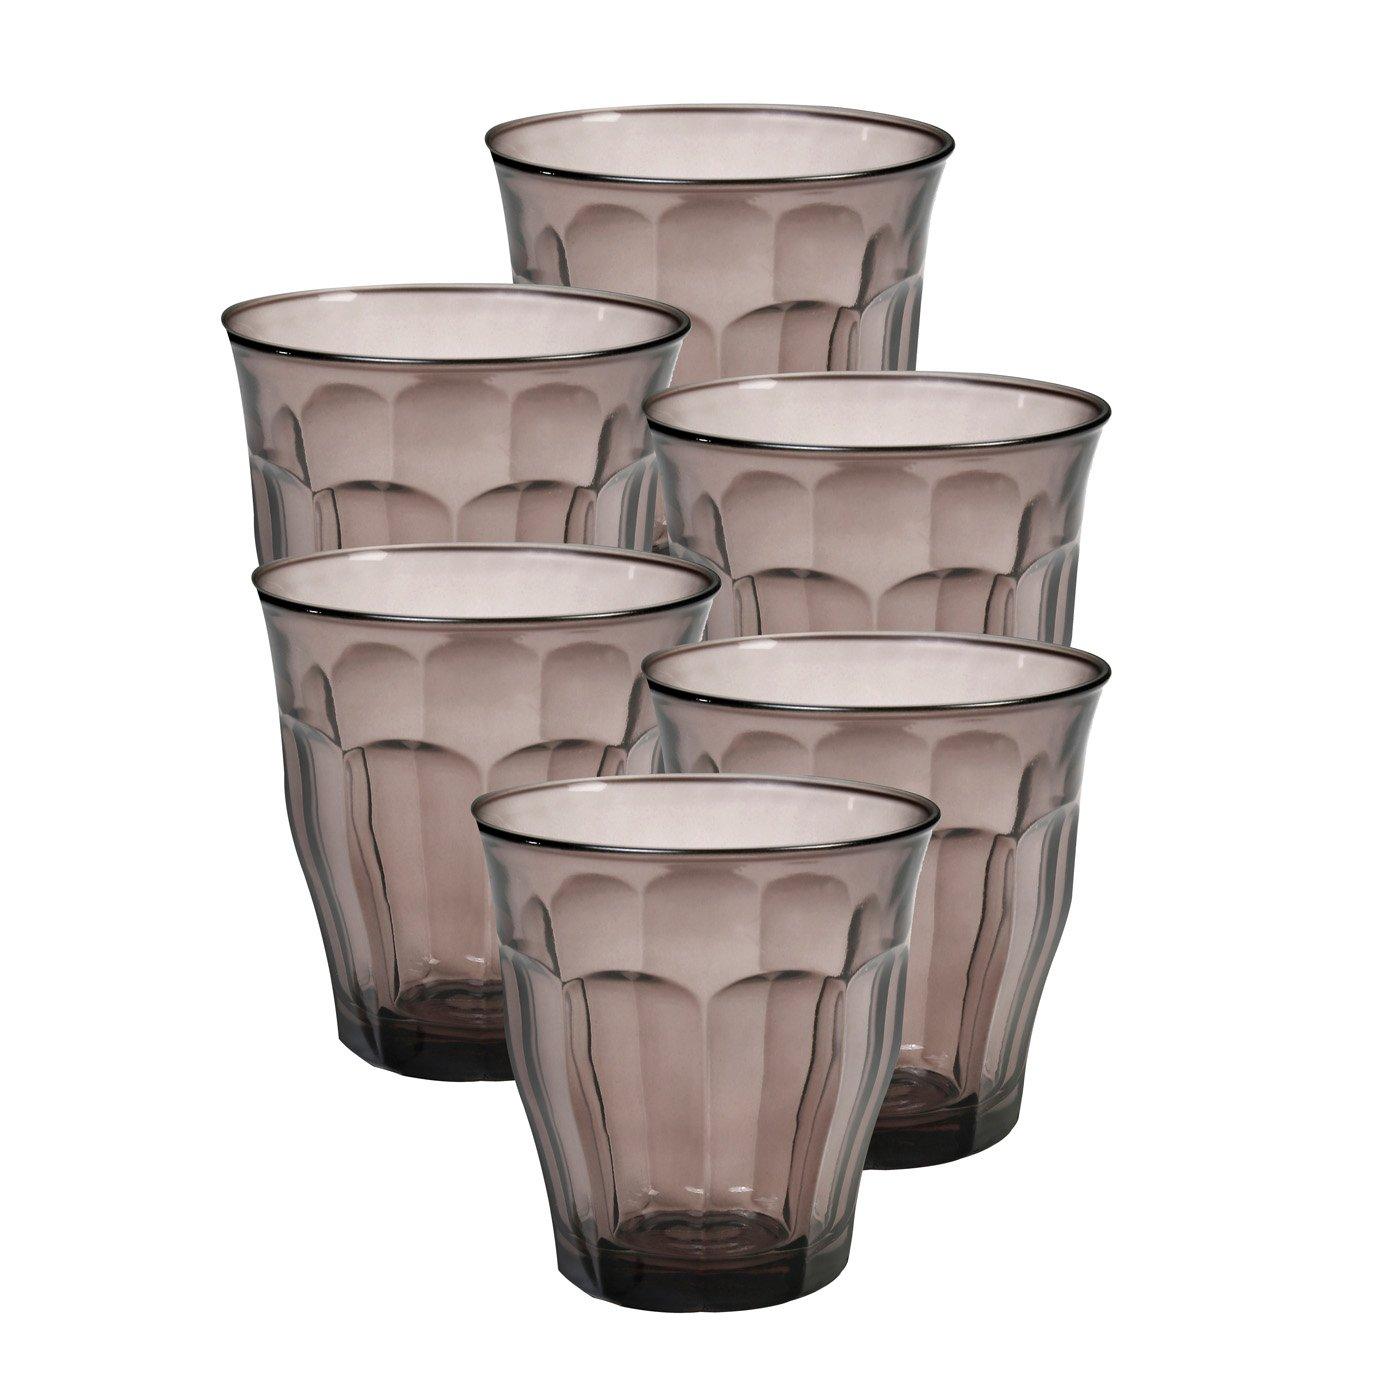 Duralex - Picardie vasos de colores, 250 ml. 8 3/4 oz juego de 6: Amazon.es: Hogar